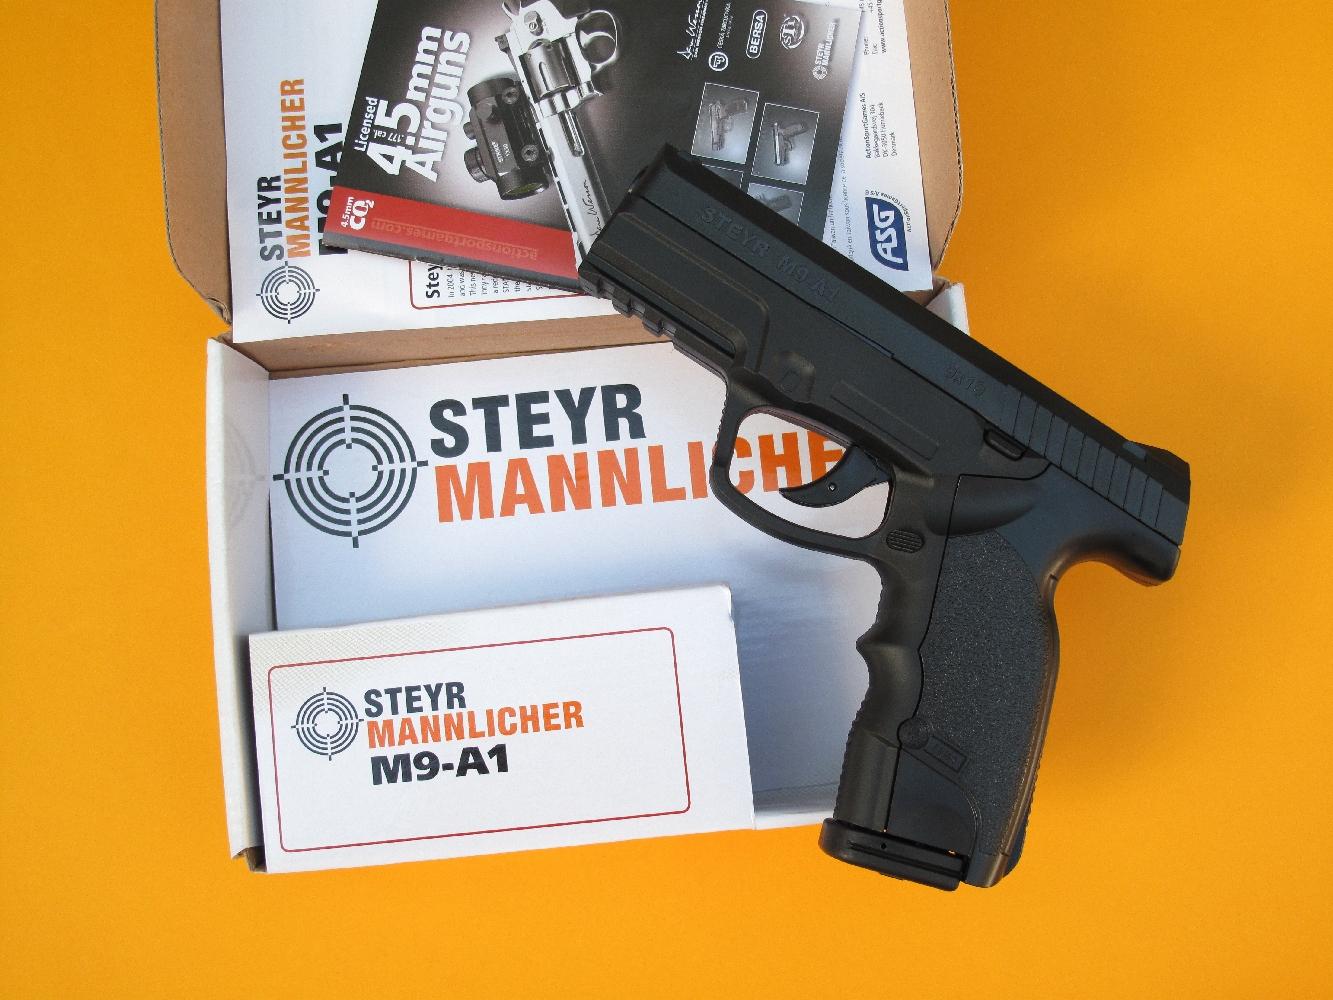 Fabriquée par la société danoise ASG (ActionSportsGames), cette réplique à Co2 du Steyr-Mannlicher M9-A1 est d'un réalisme tout à fait convaincant.